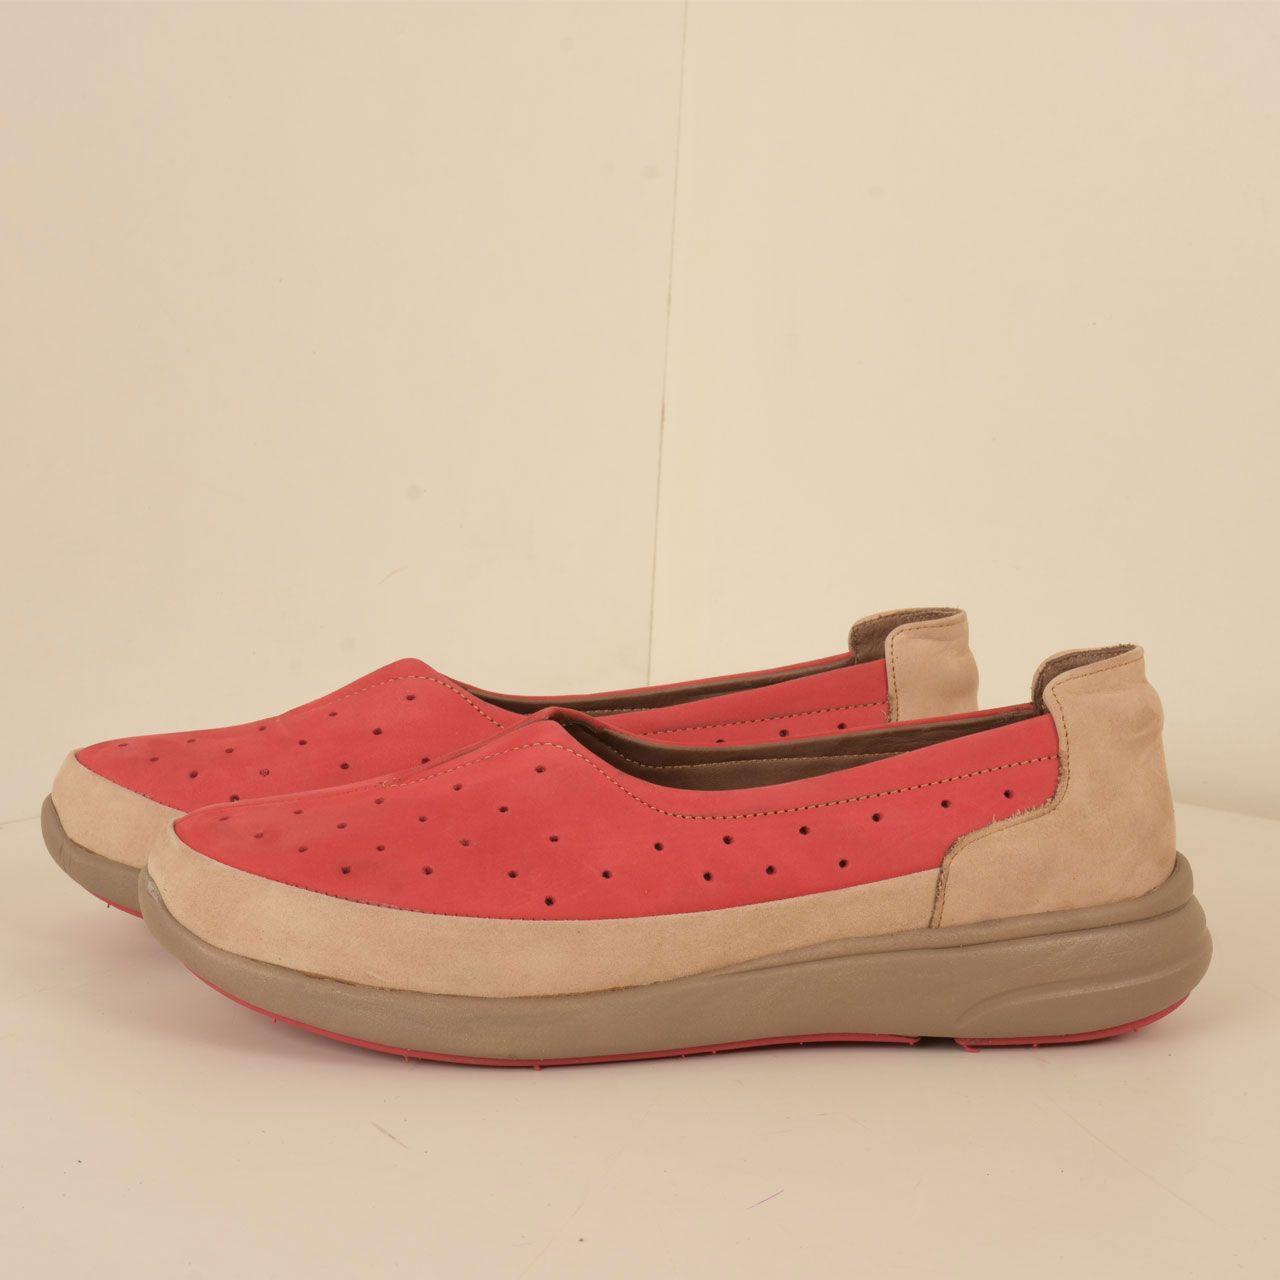 کفش روزمره زنانه پارینه چرم مدل SHOW4-2 main 1 7